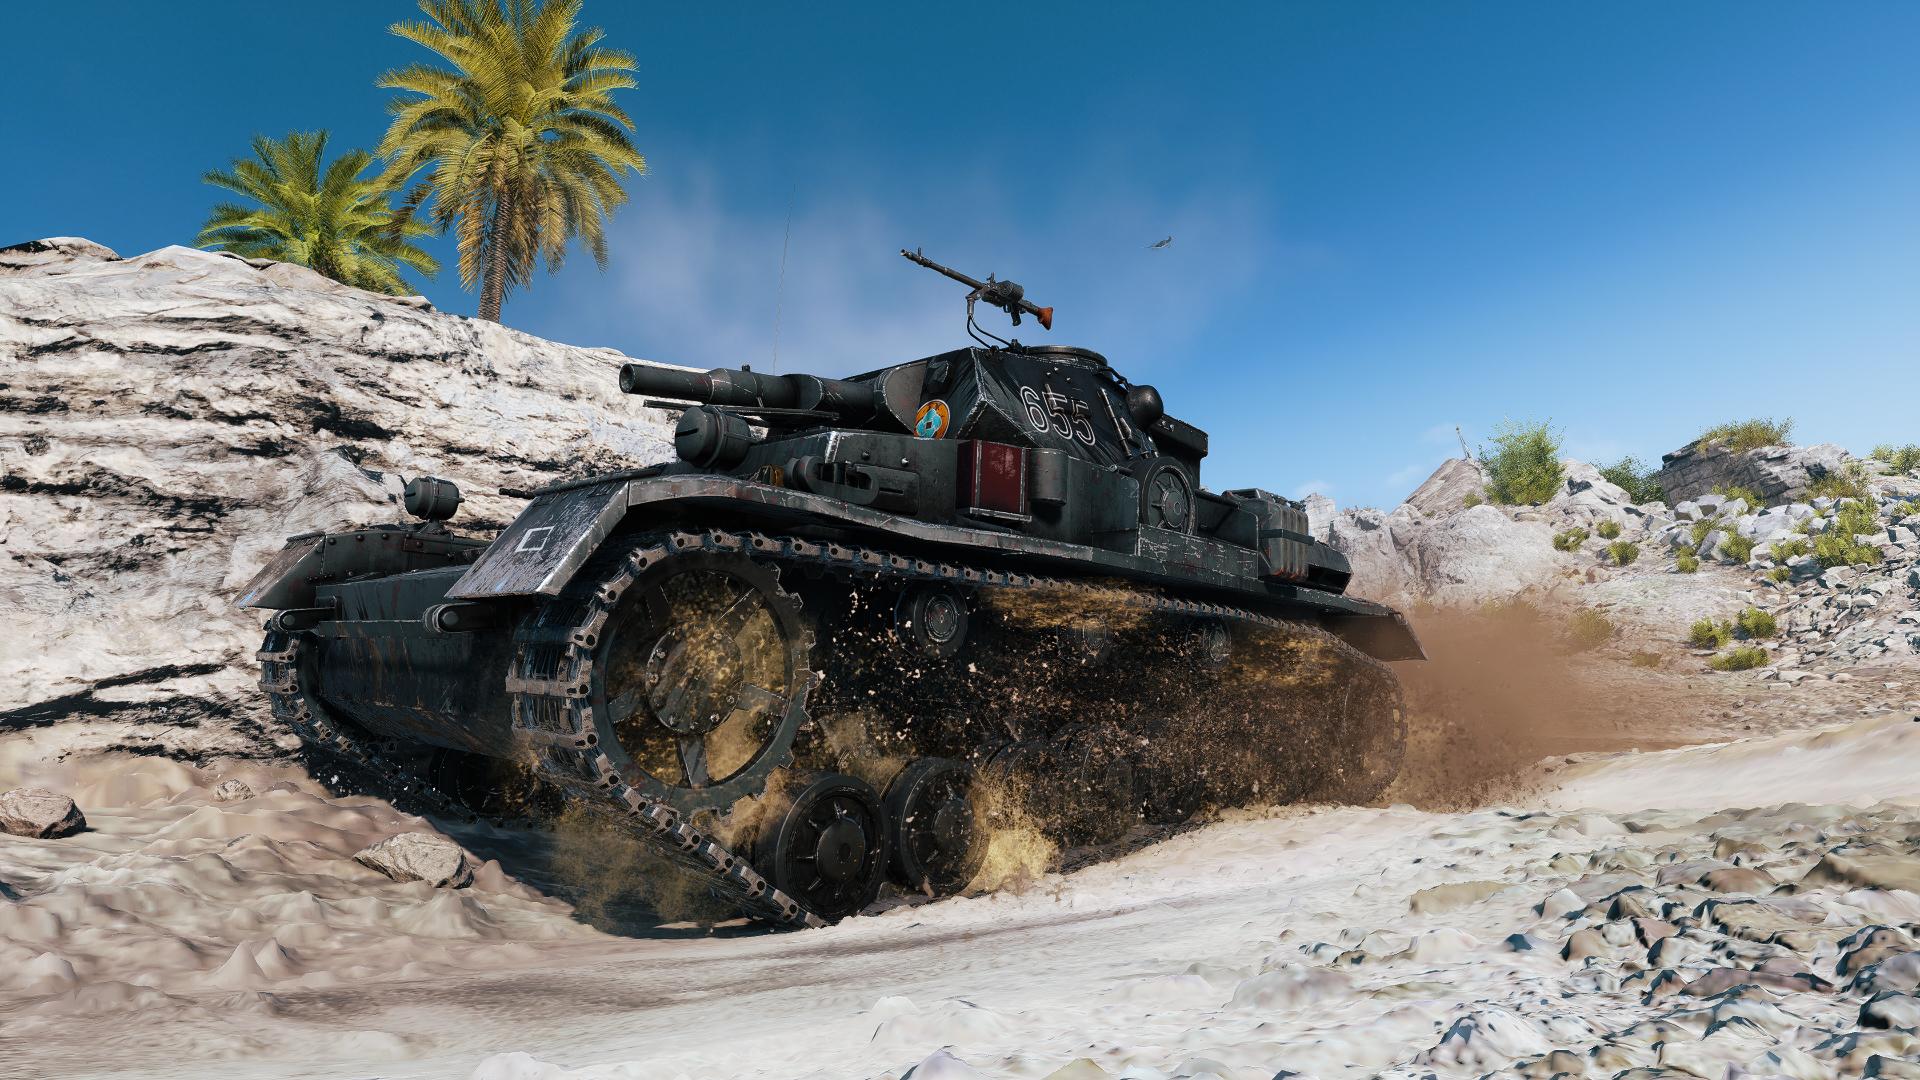 《战地5》万圣节福利  上线即可领取坦克武器皮肤